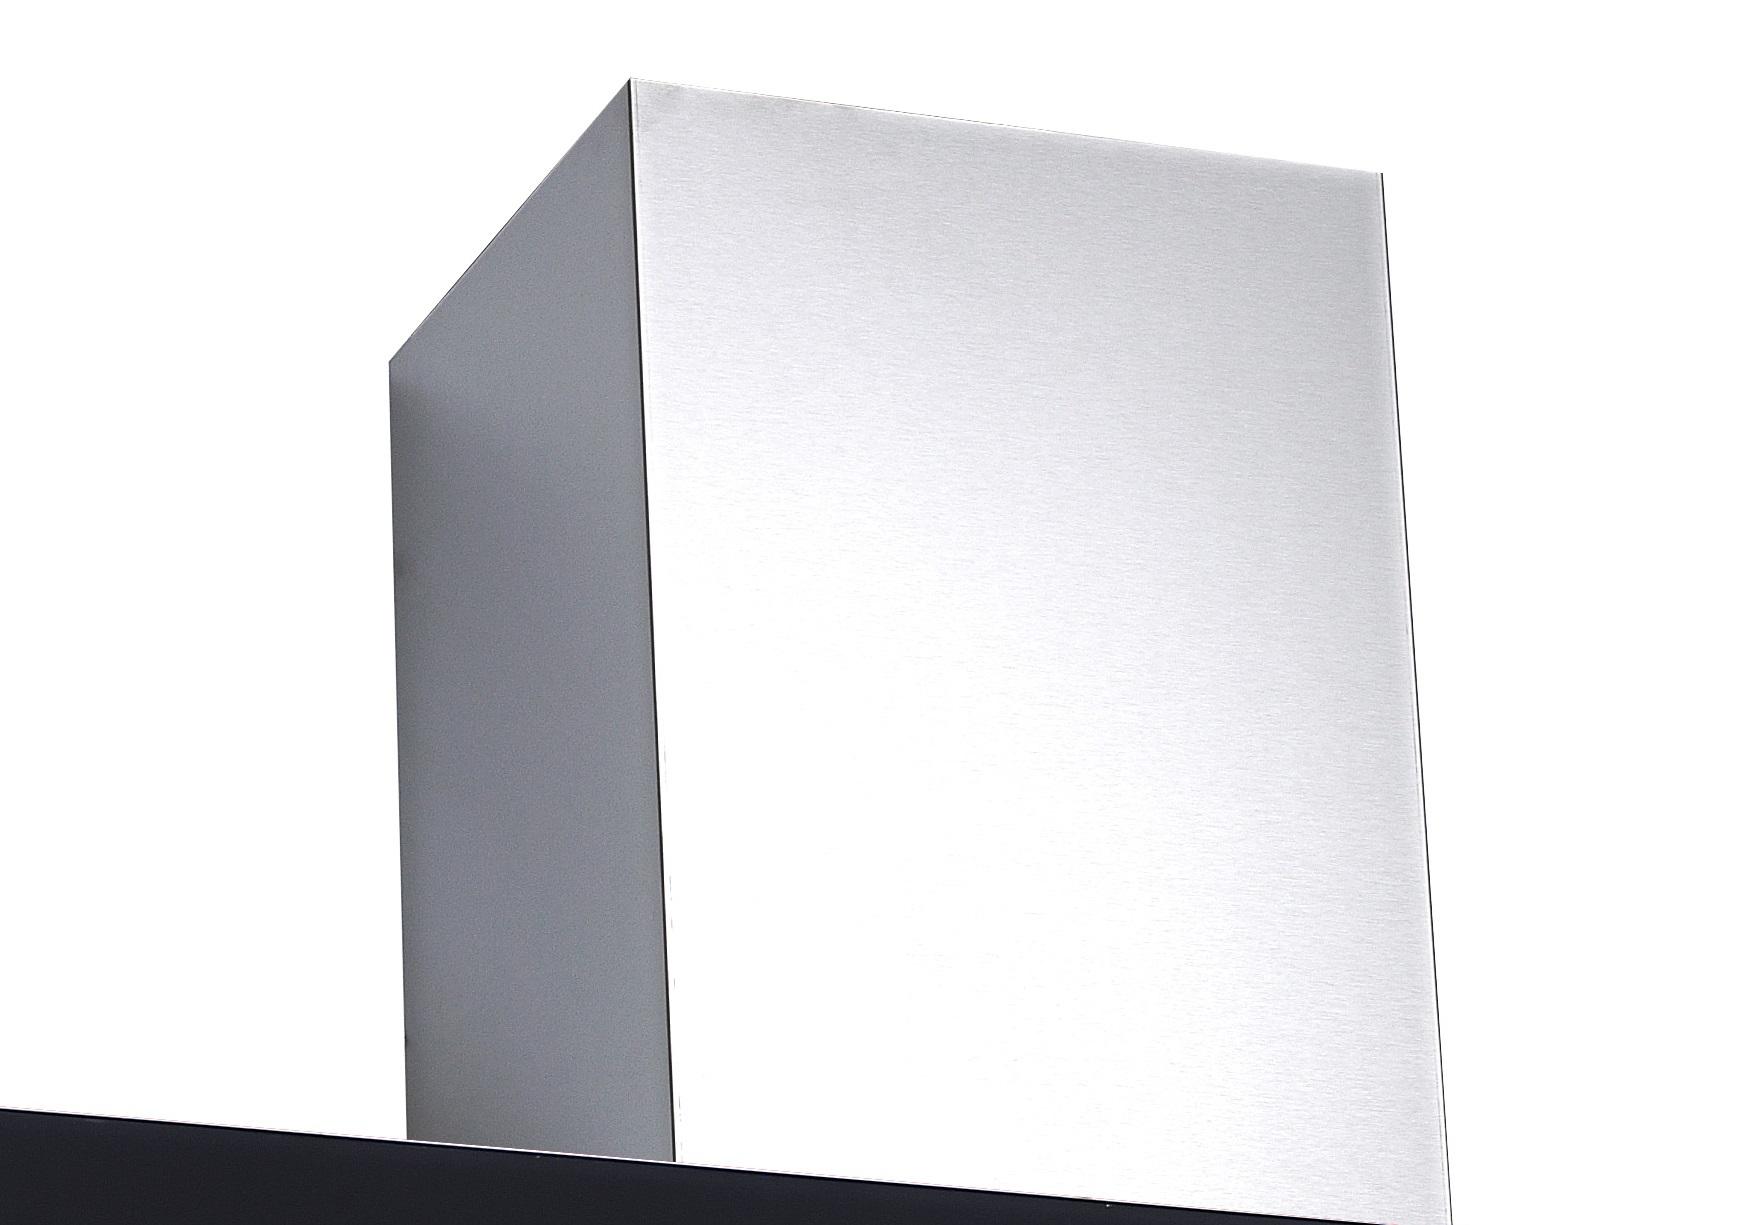 Pkm 9040 90bz dunstabzugshaube schwarz 90cm kopffreihaube ab umluft